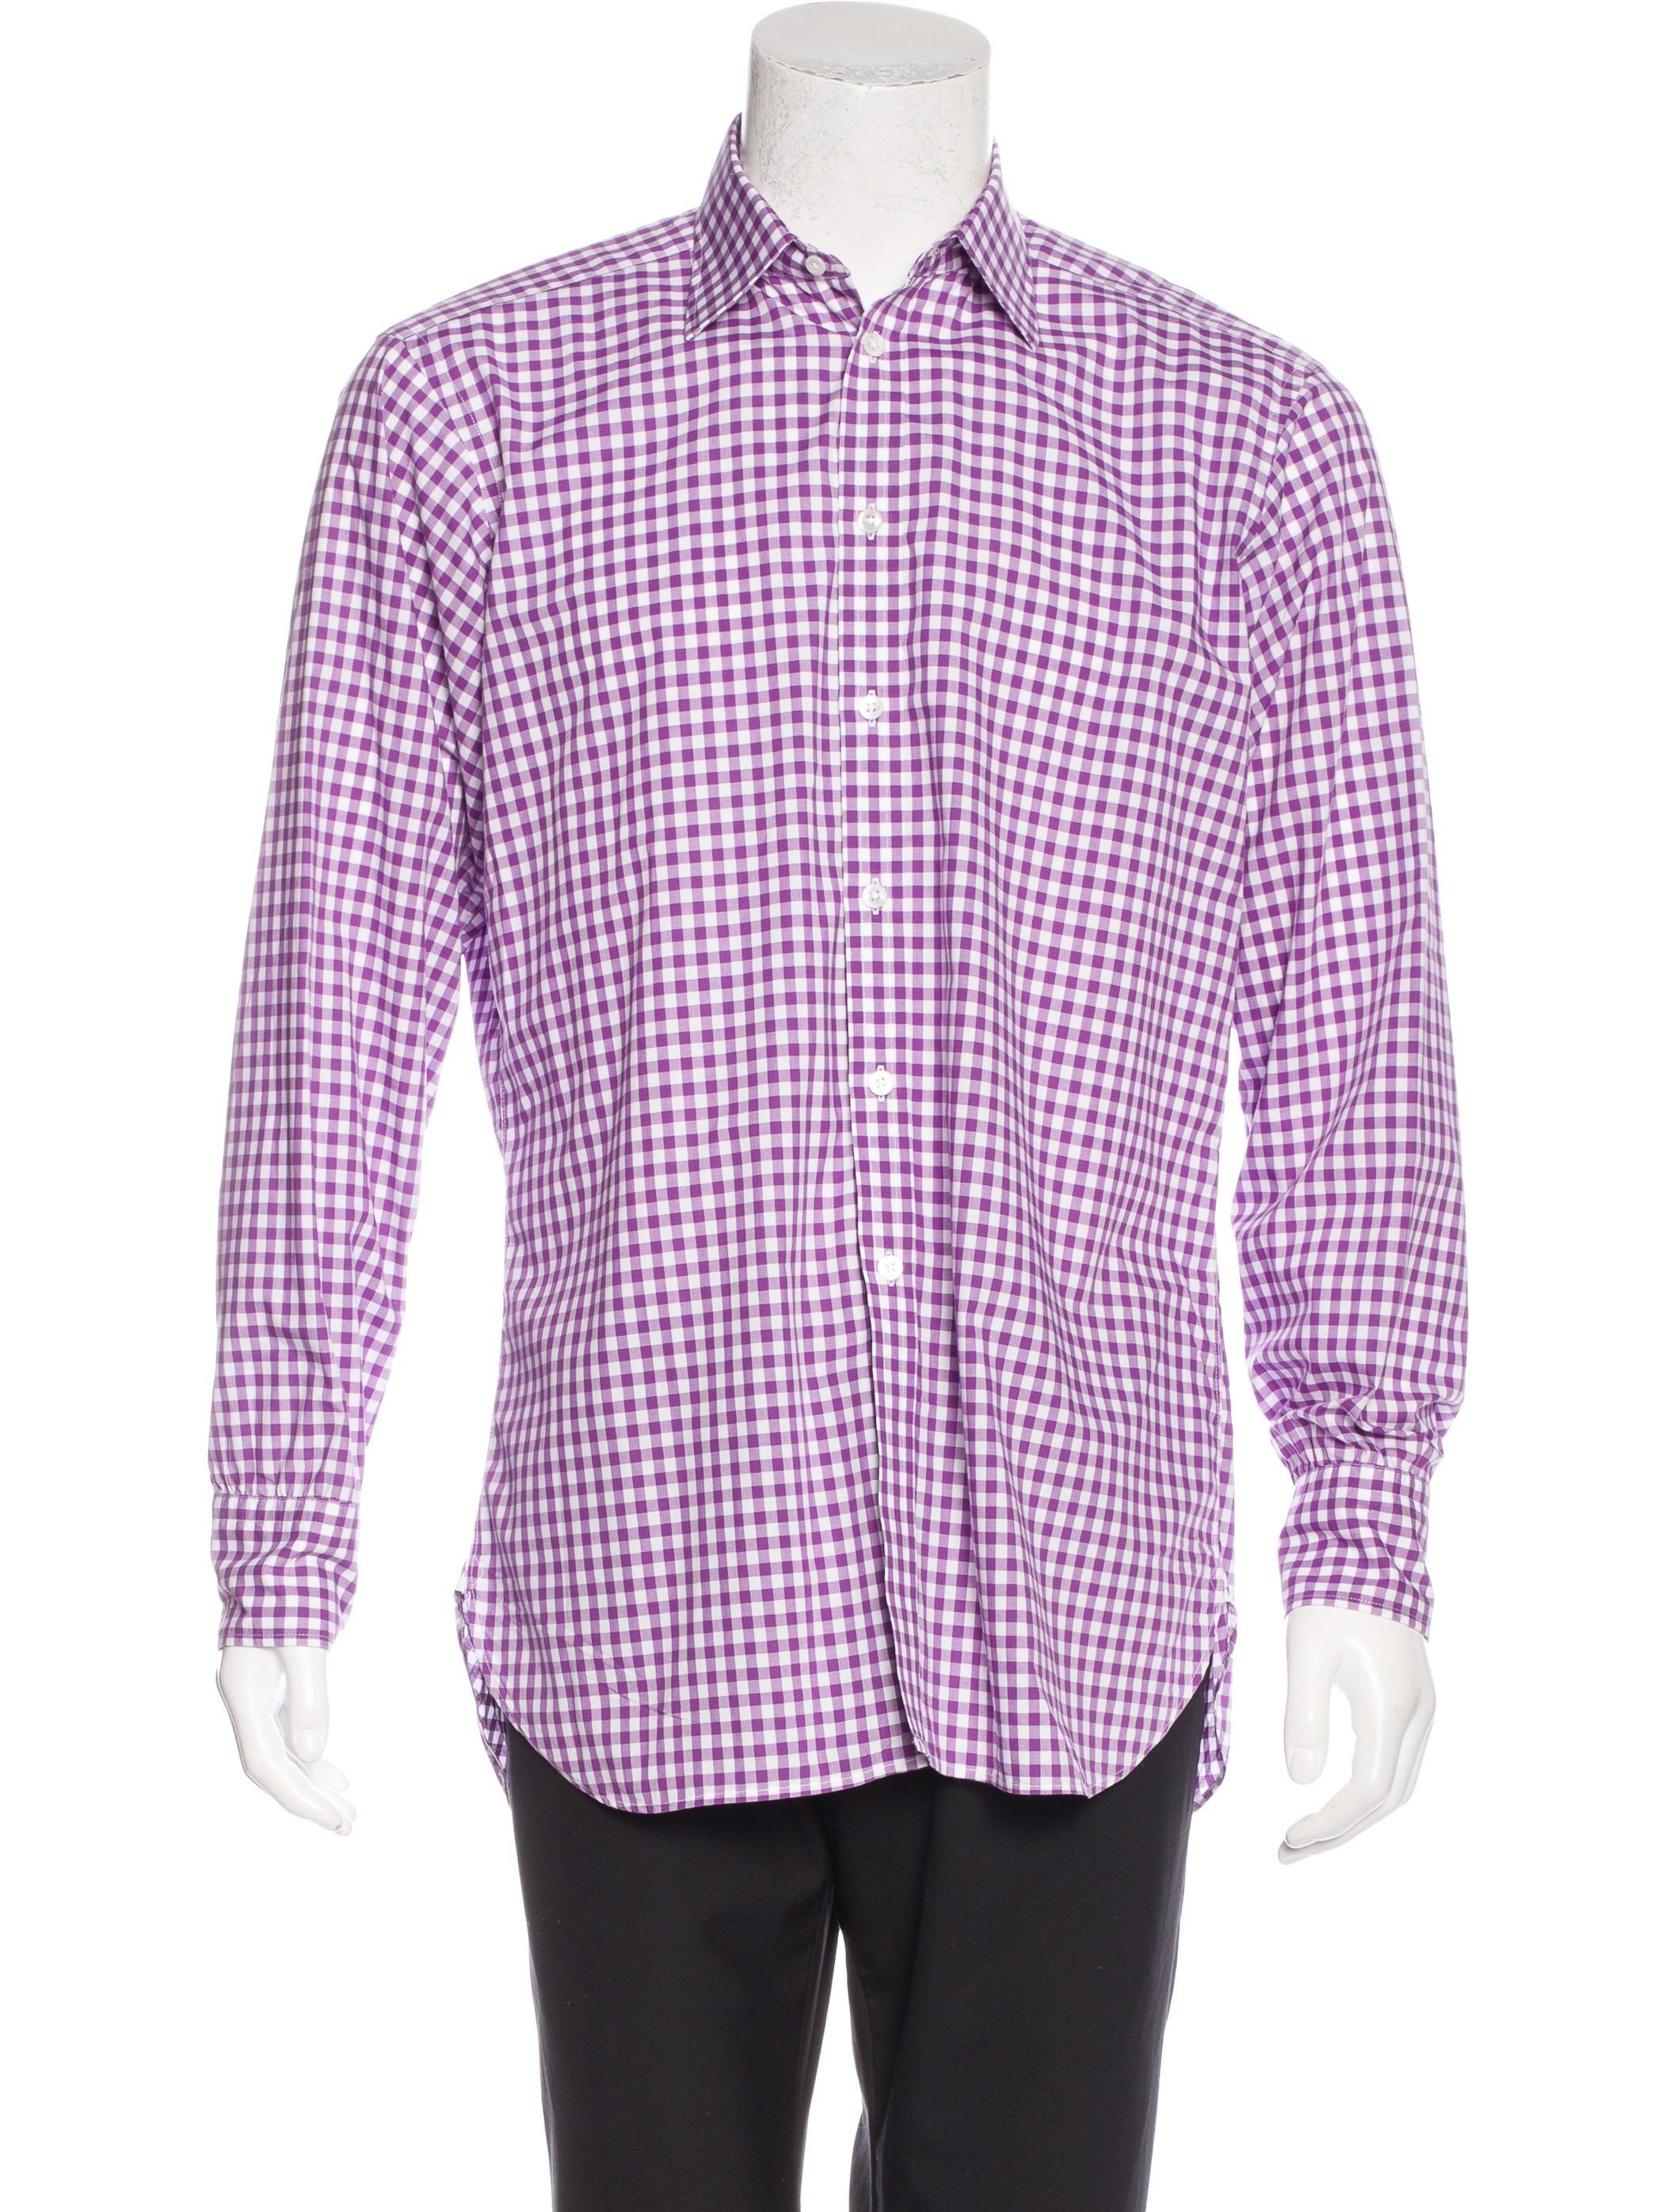 Turnbull asser gingham dress shirt clothing bll20279 for Men s red gingham dress shirt